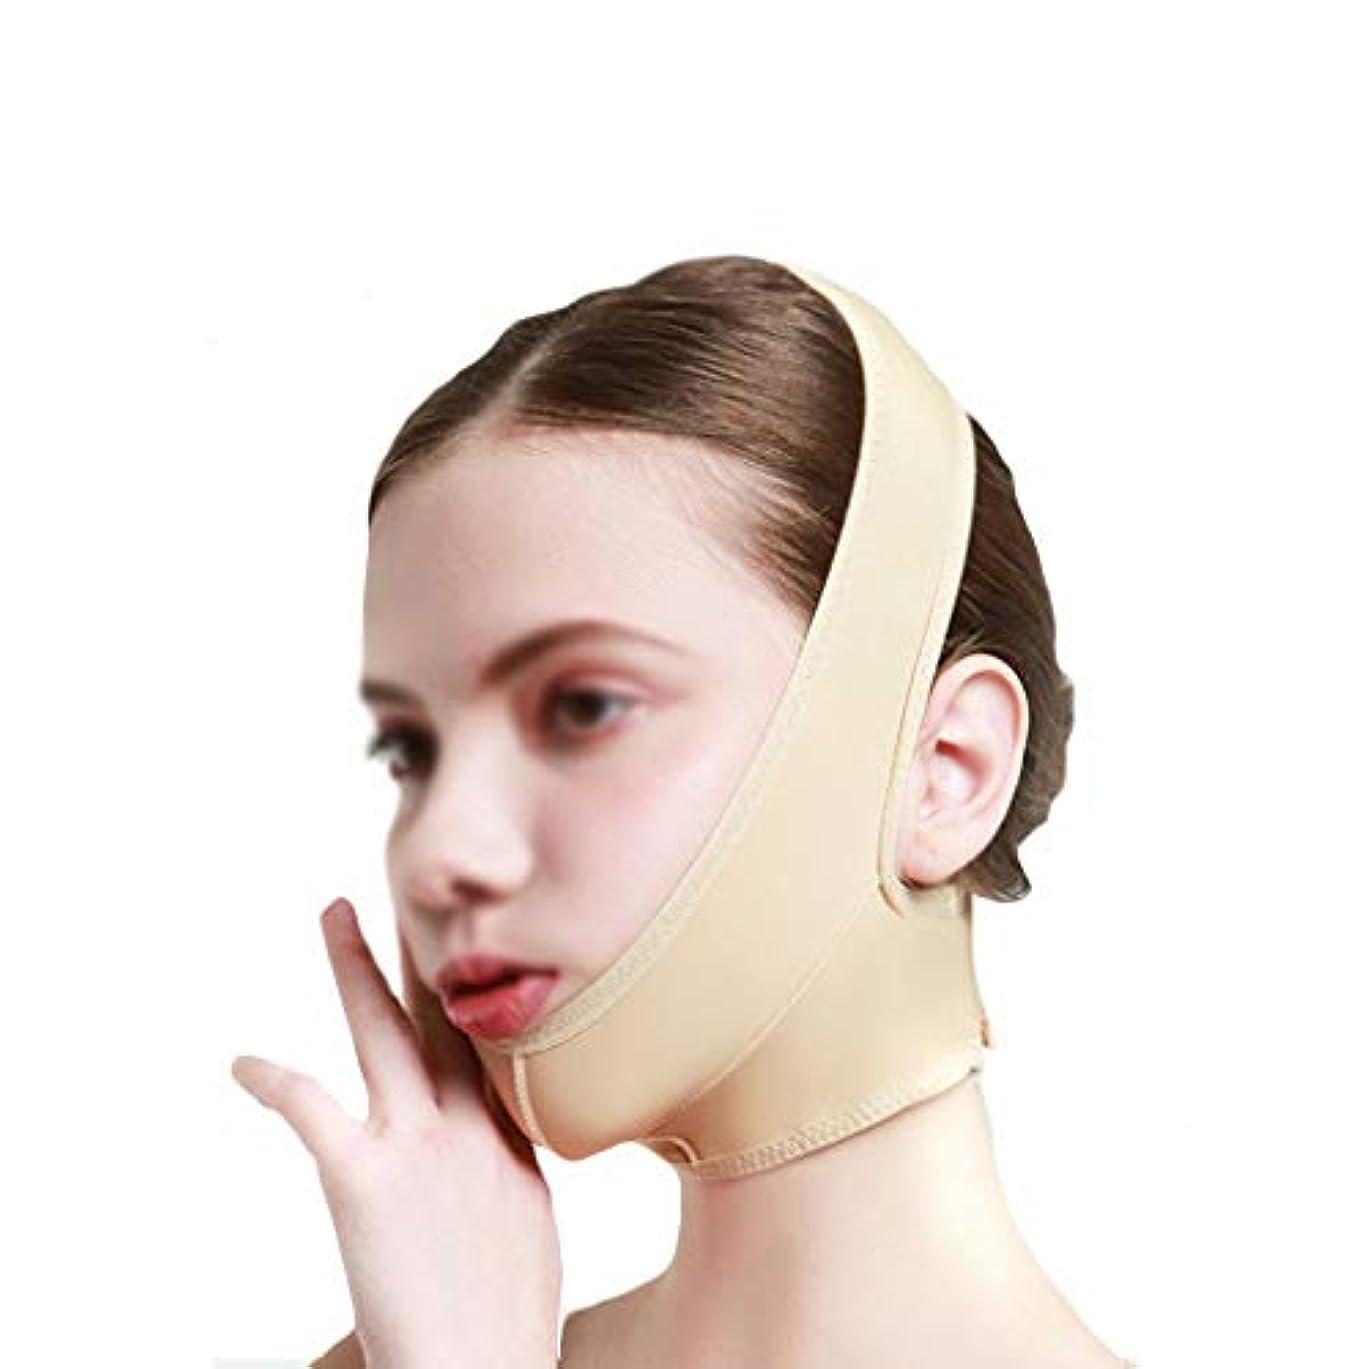 食事アナウンサー感情XHLMRMJ ダブルチンリデューサー、フェイススリミングマスク、フェイスリフティング、ストレッチマスク、二重あご、浮き彫りの浮き彫り、ケアツール、通気性 (Size : L)